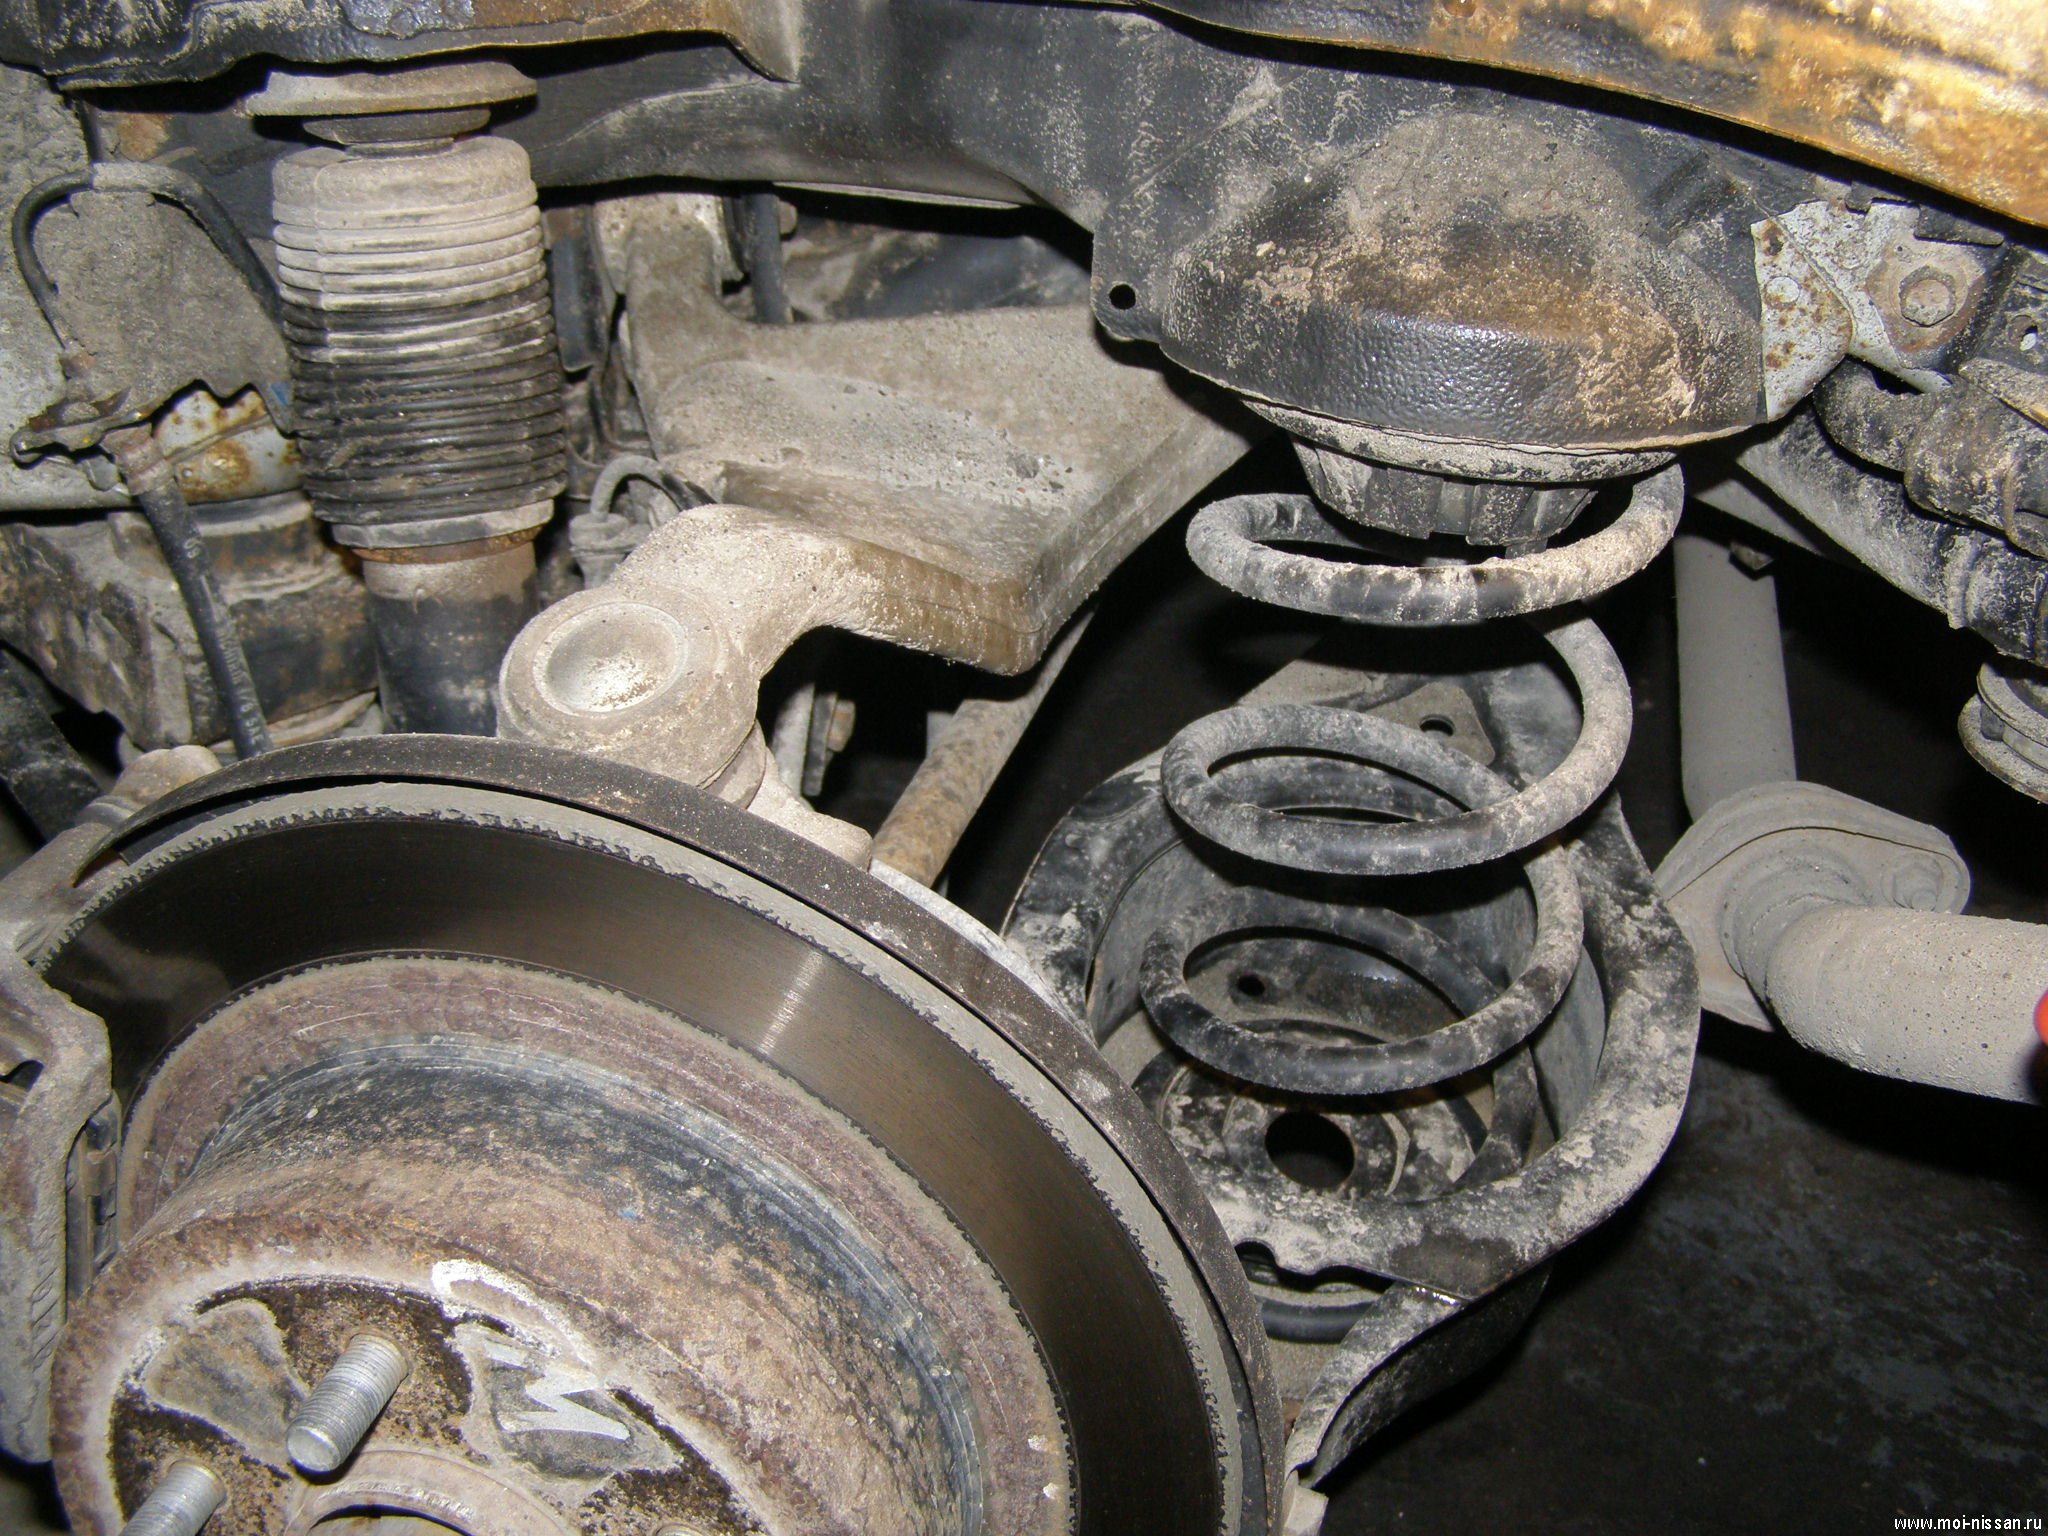 Ремонт задней подвески Nissan TEANA ...  Многорычажная подвеска Nissan.